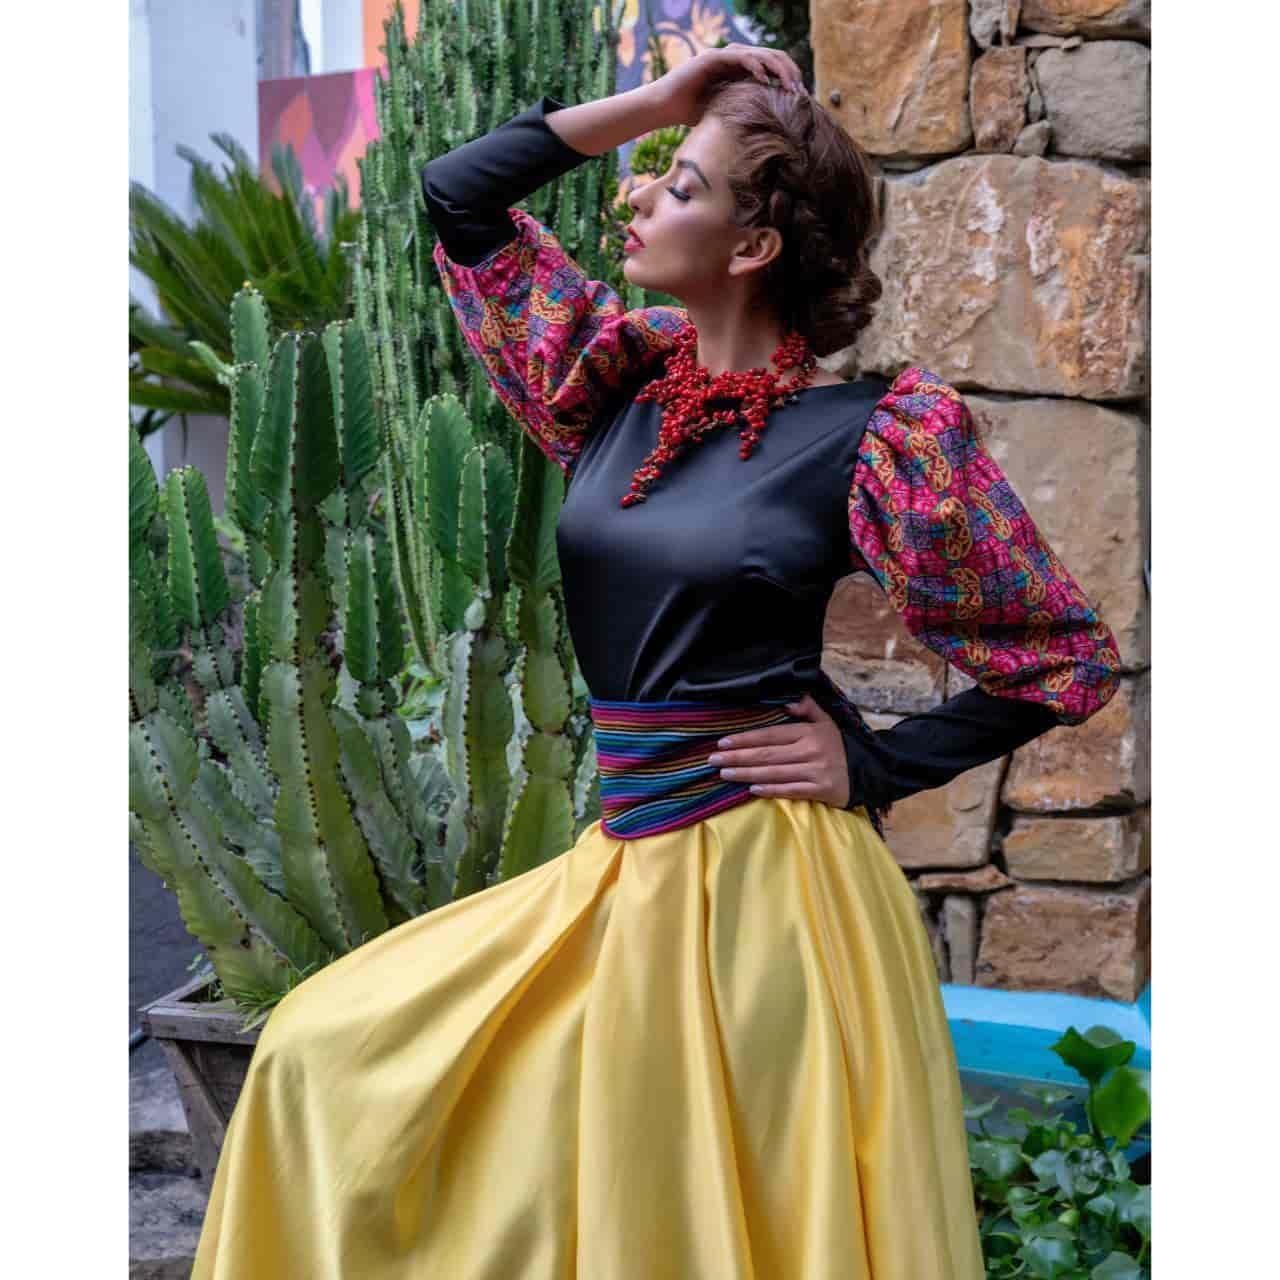 Moda mexicana